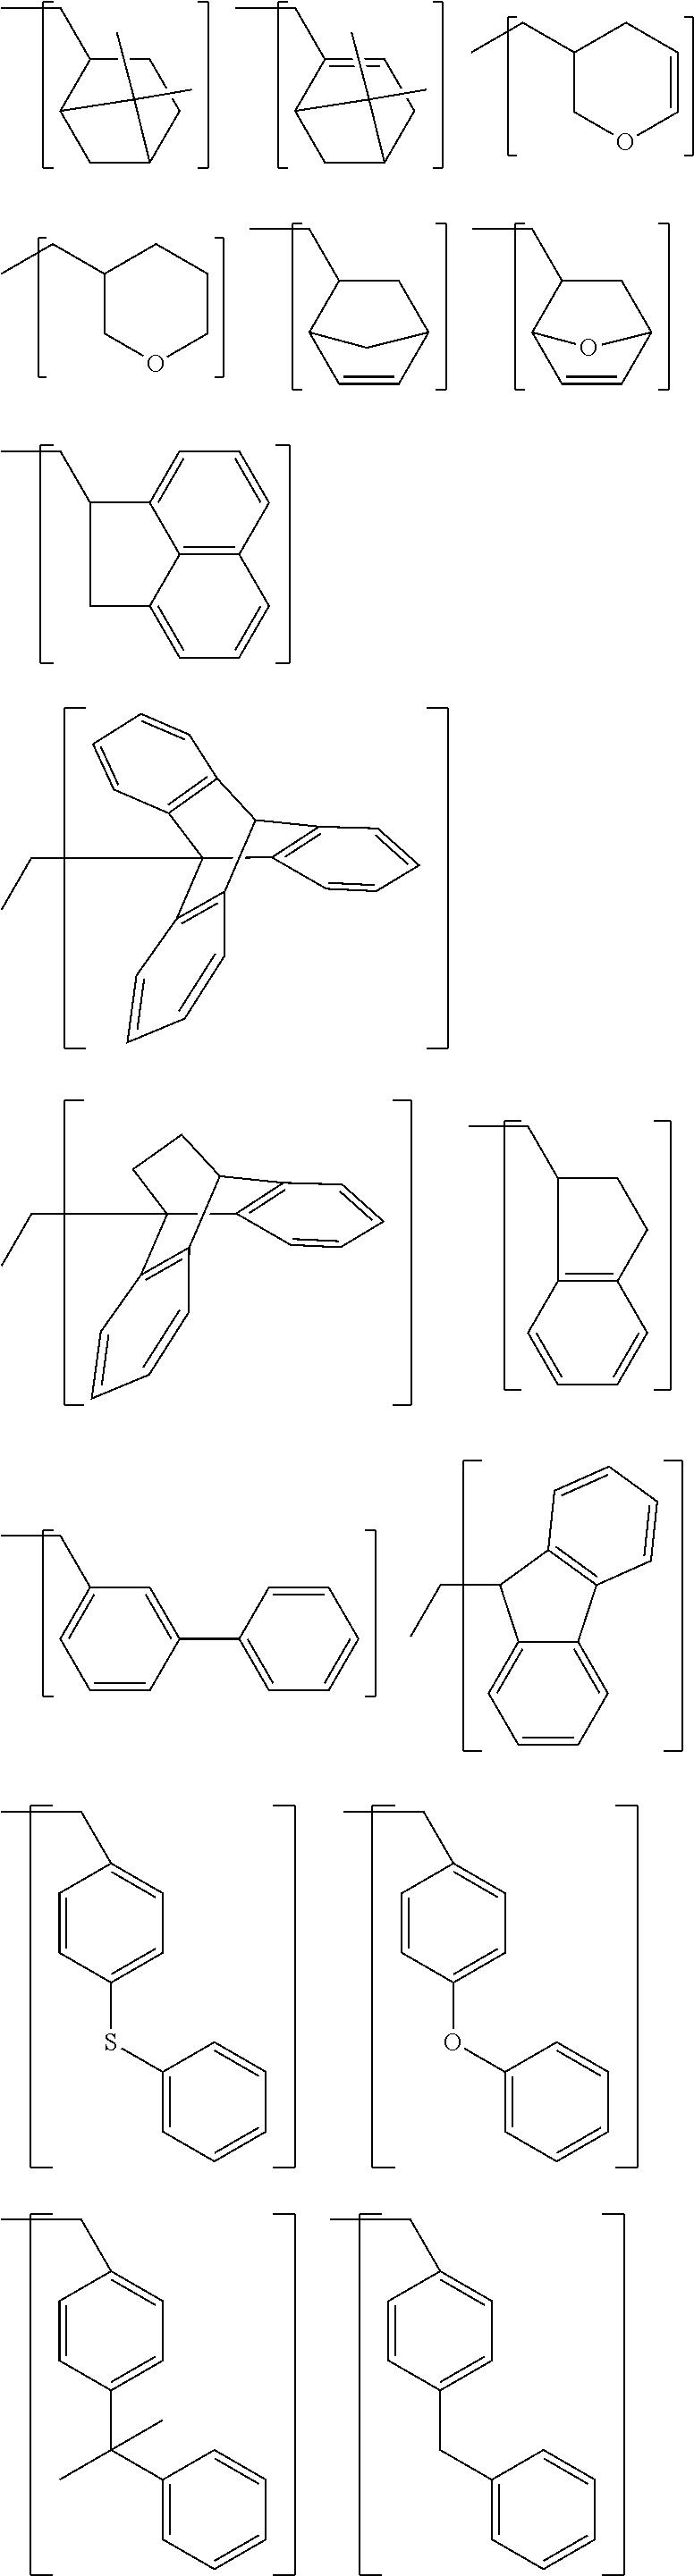 Figure US08846846-20140930-C00021